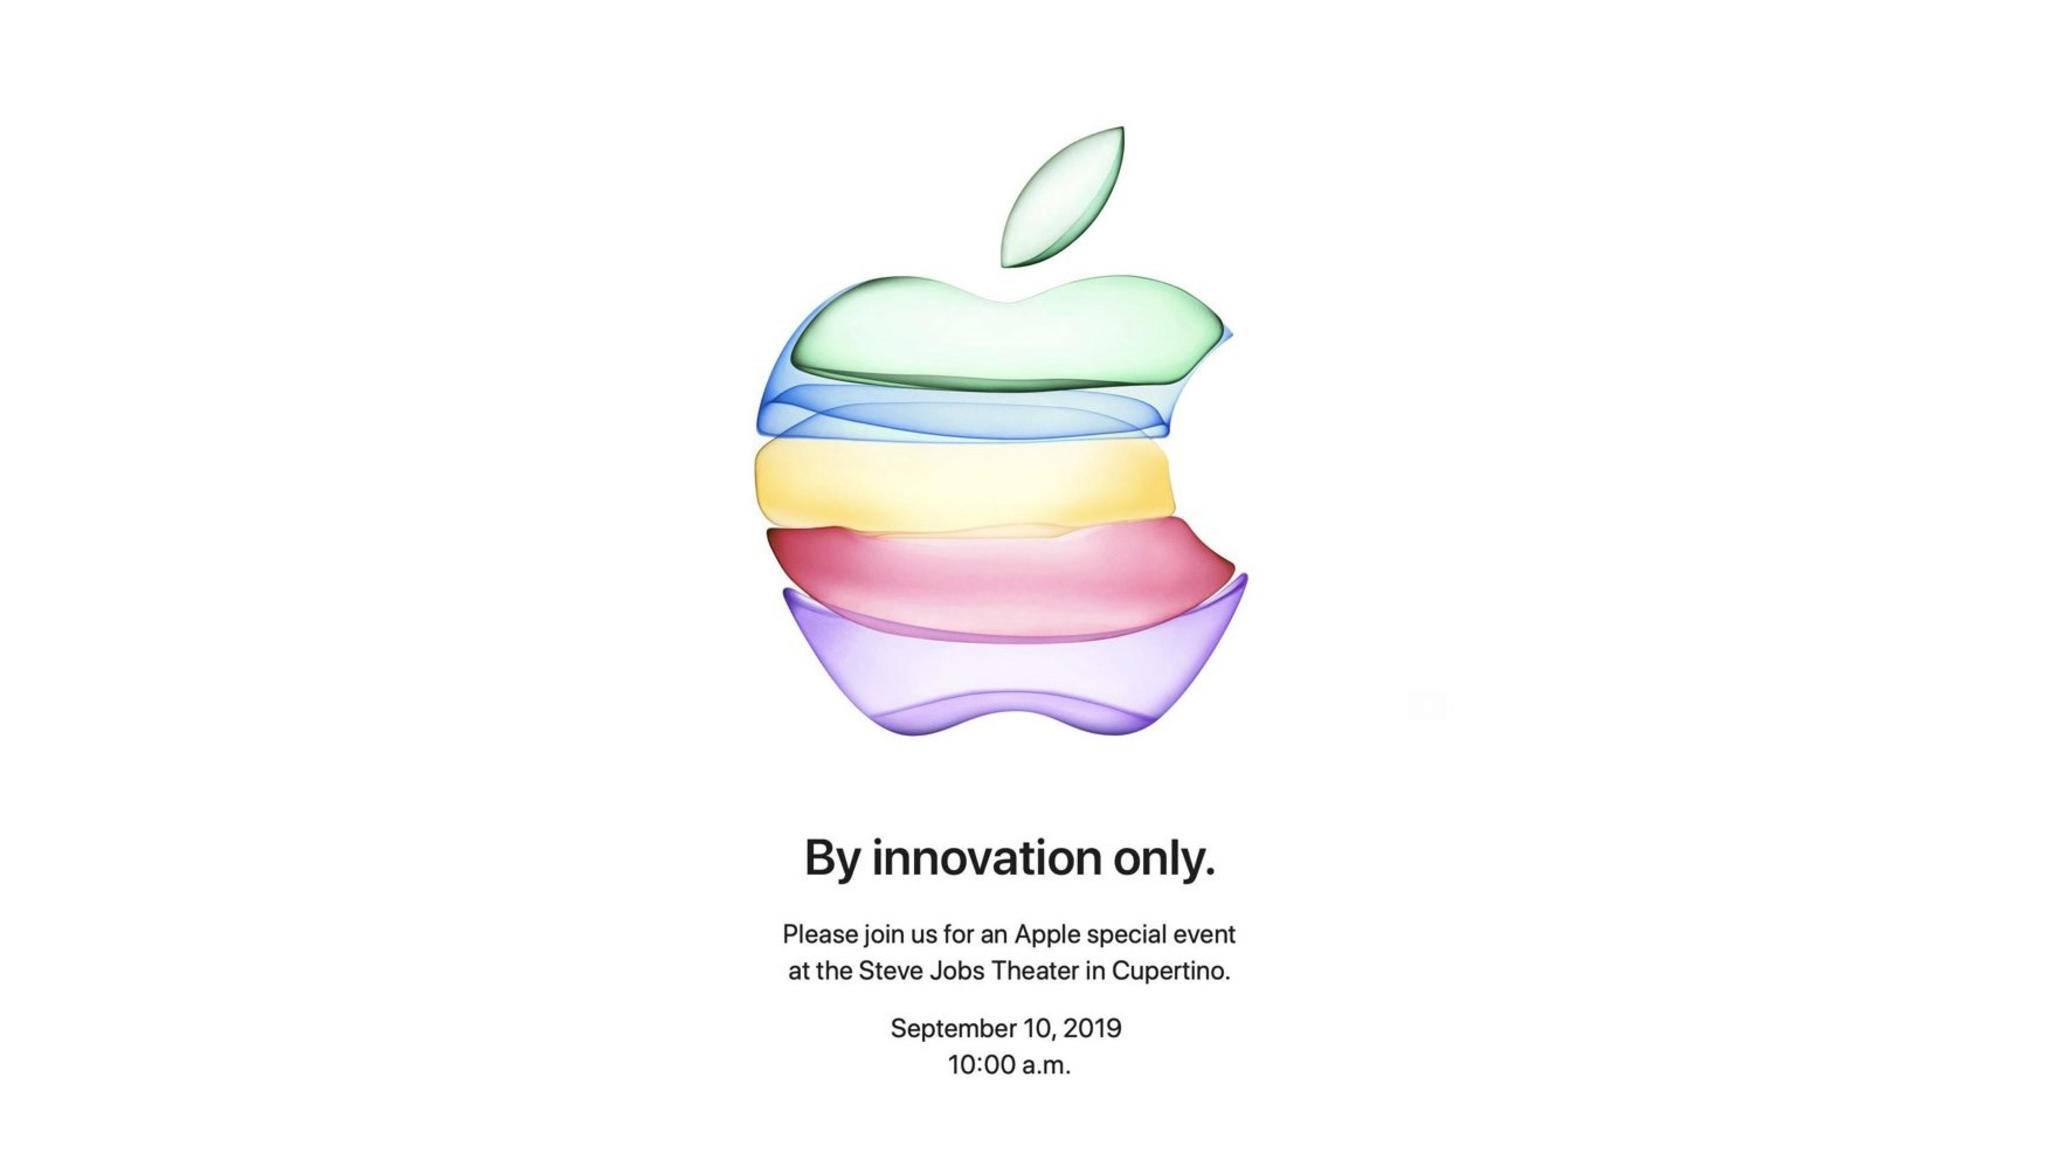 Am 10. September werden die neuen iPhones 2019 vorgestellt.